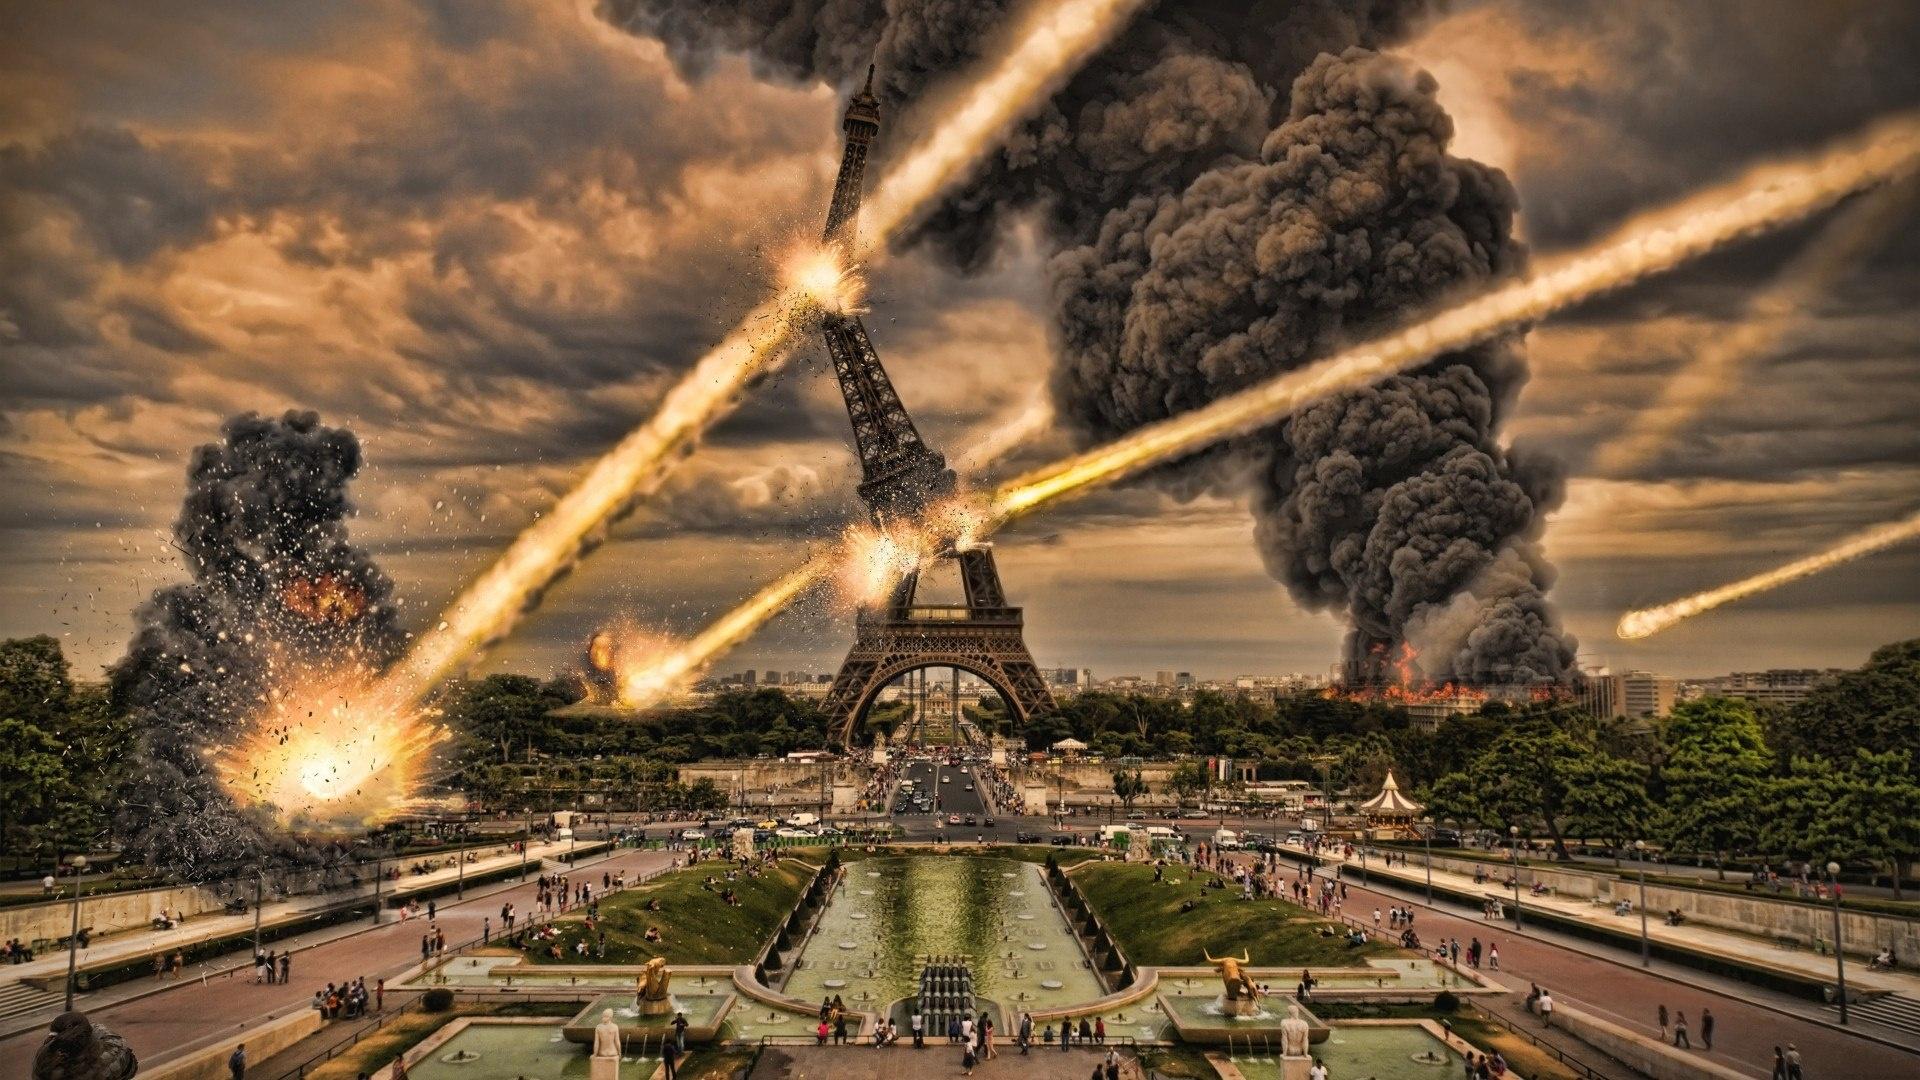 Eiffel Tower Art computer wallpaper